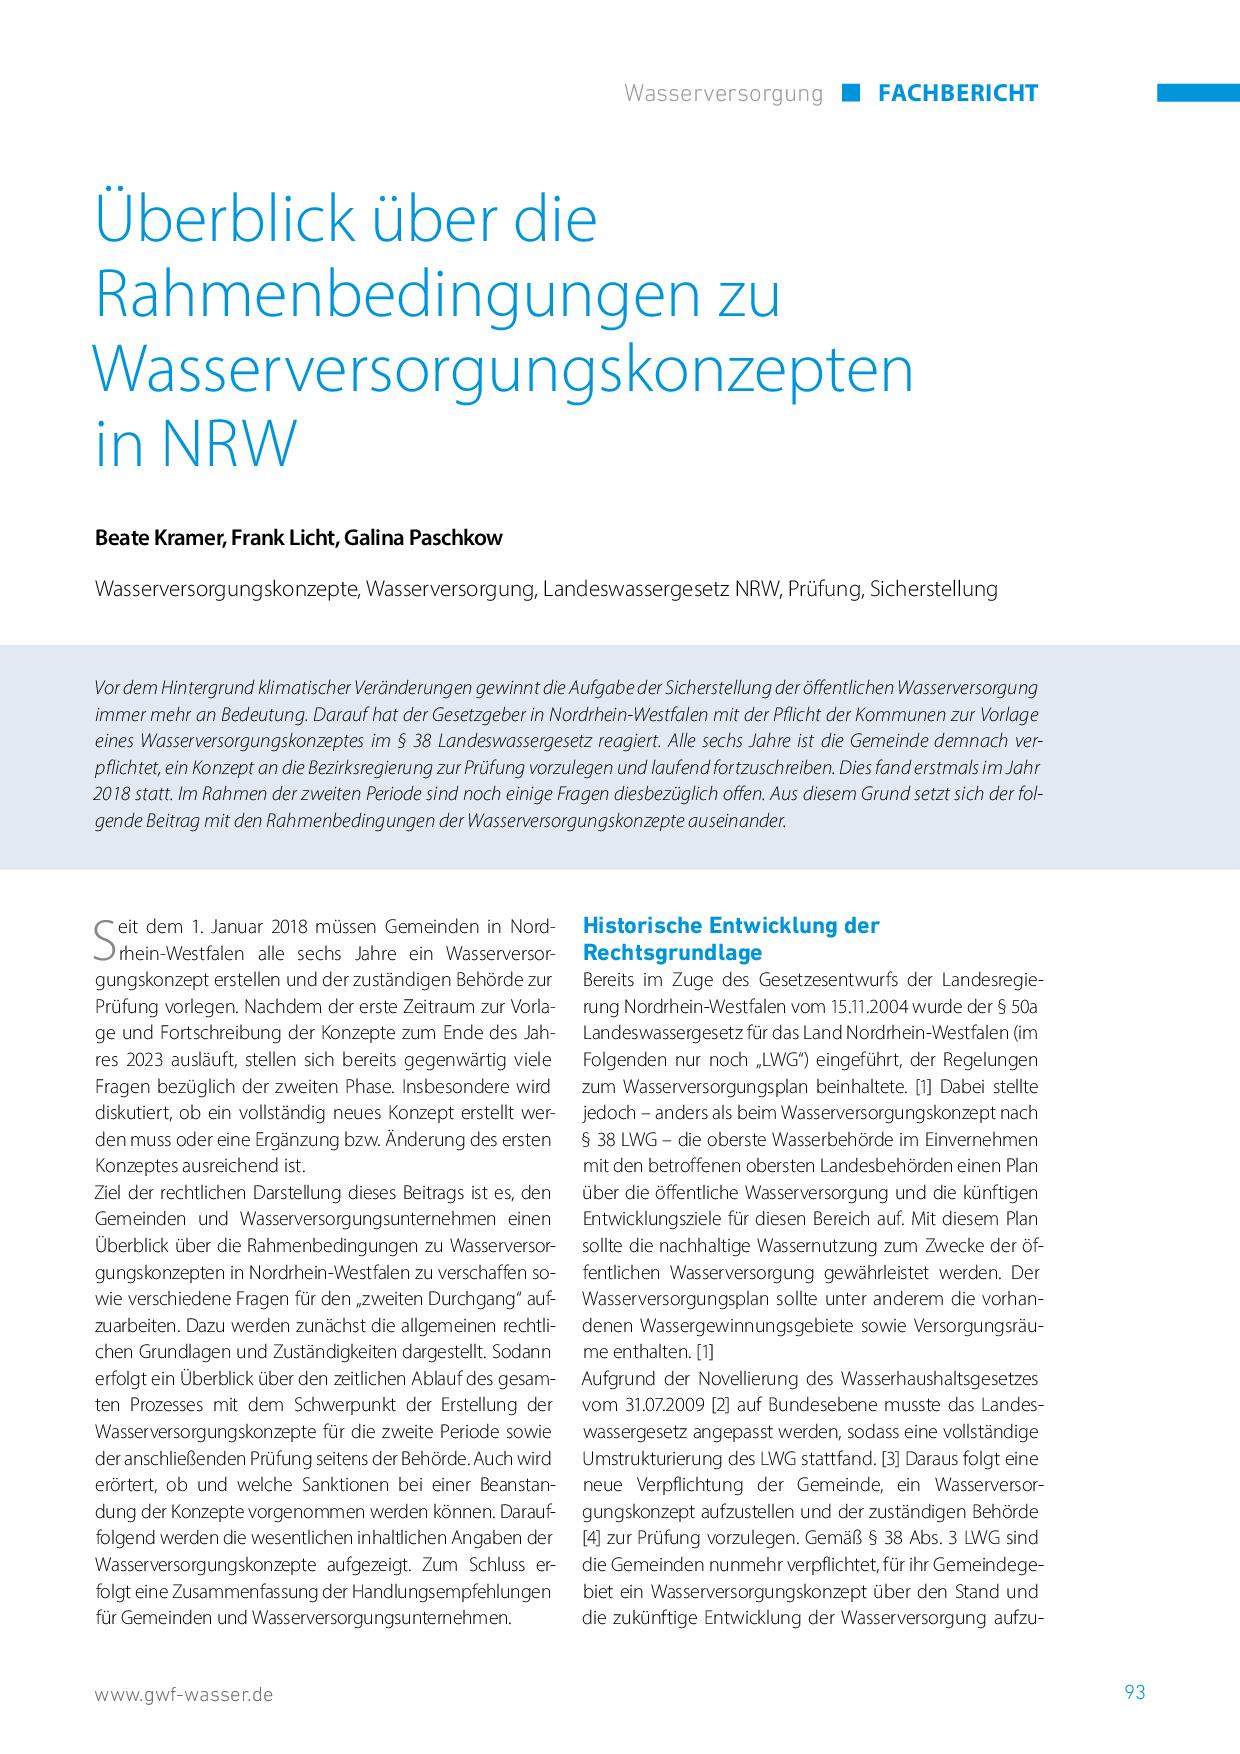 Überblick über die Rahmenbedingungen zu Wasserversorgungskonzepten in NRW